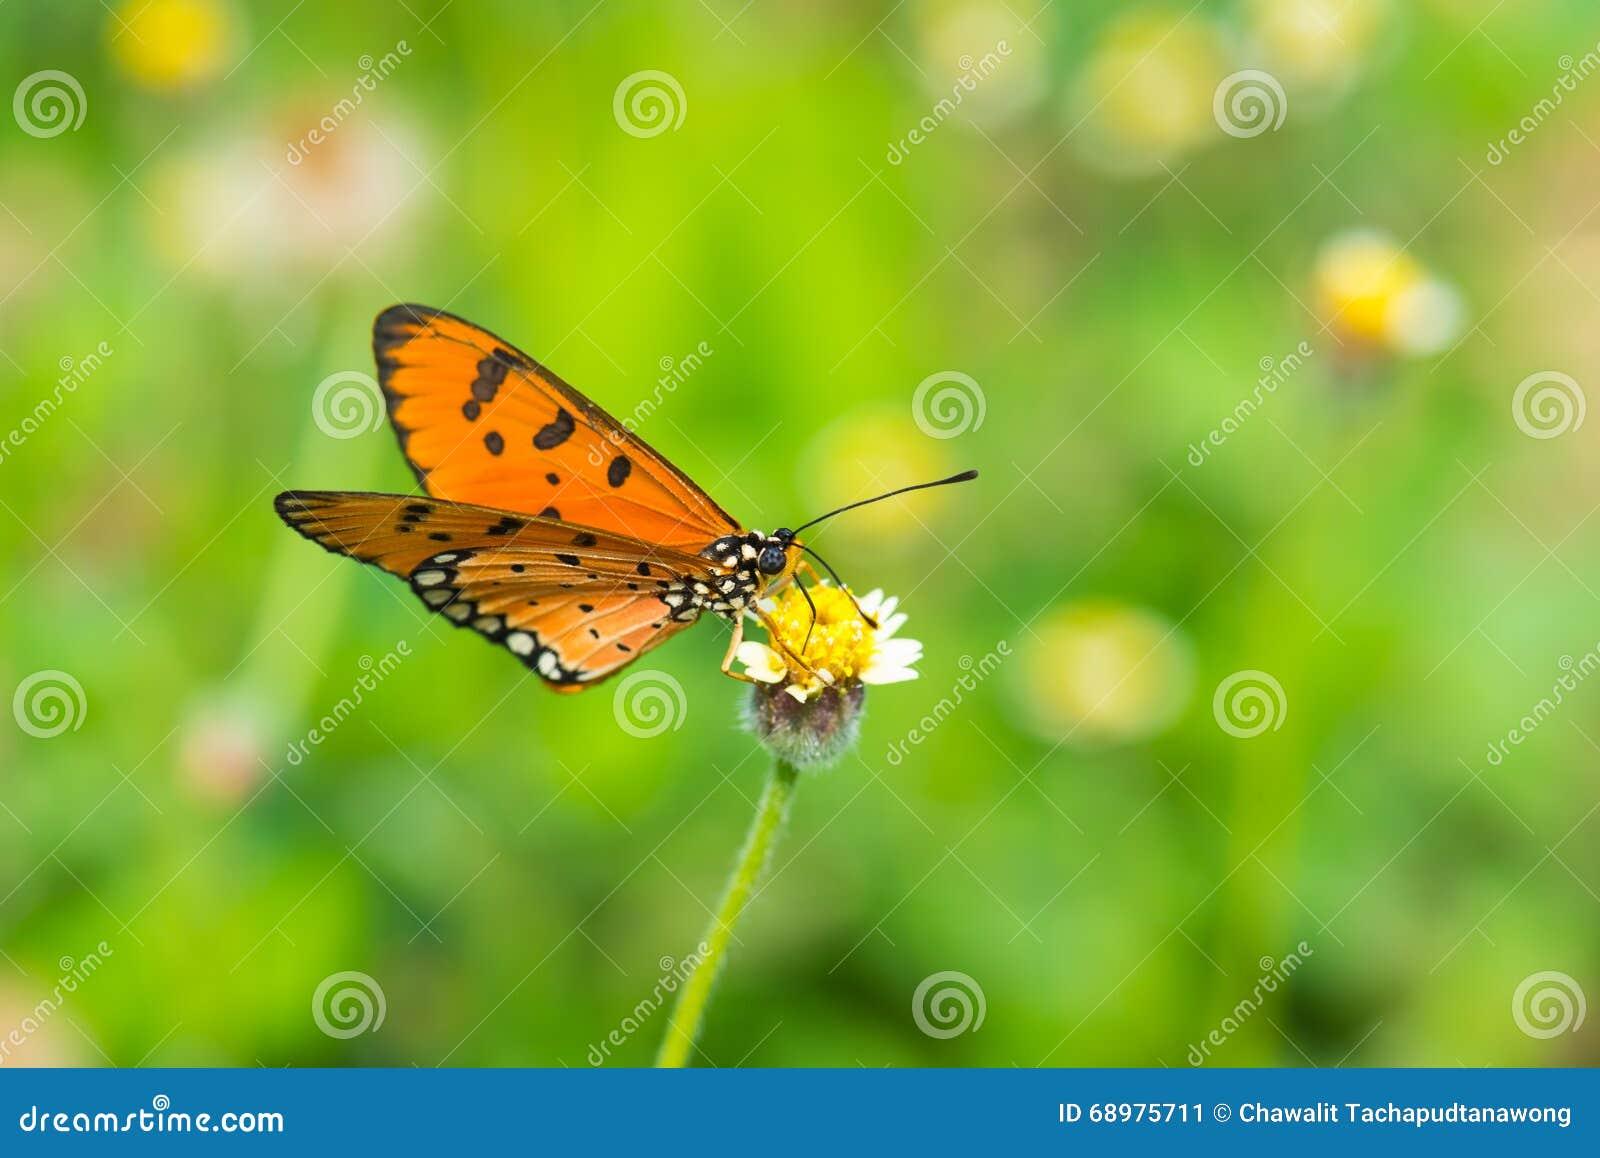 Mariposa anaranjada en la pequeña flor